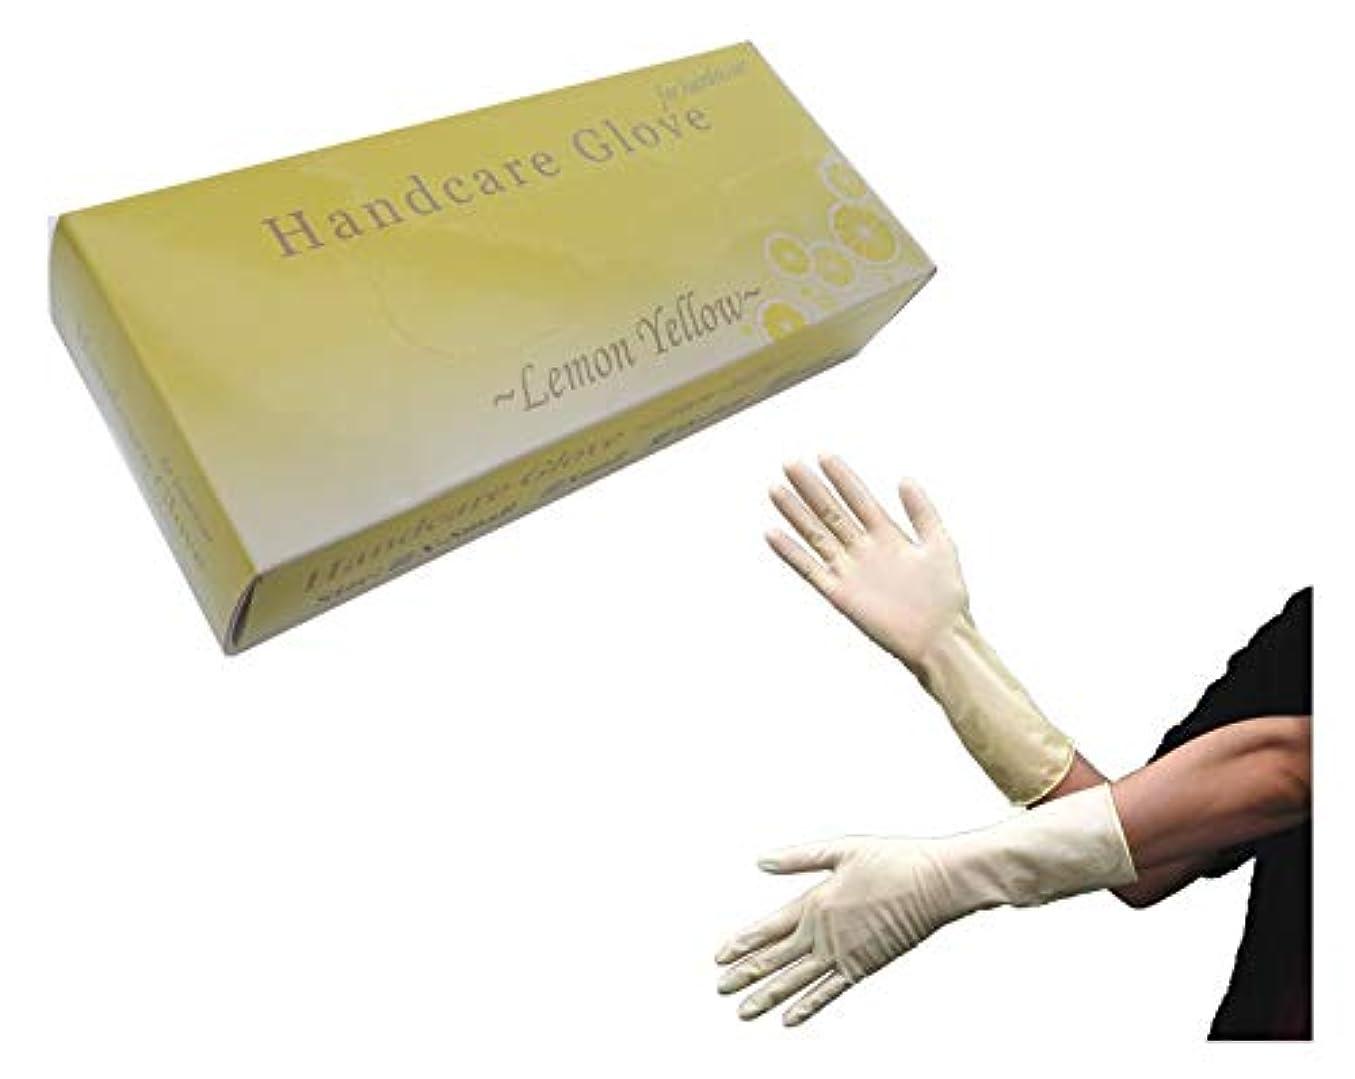 キャッチにぎやか静脈【リニューアル】サンフラワー ハンドケアグローブ レモンイエロー ゴム手袋 Sサイズ 50枚入り